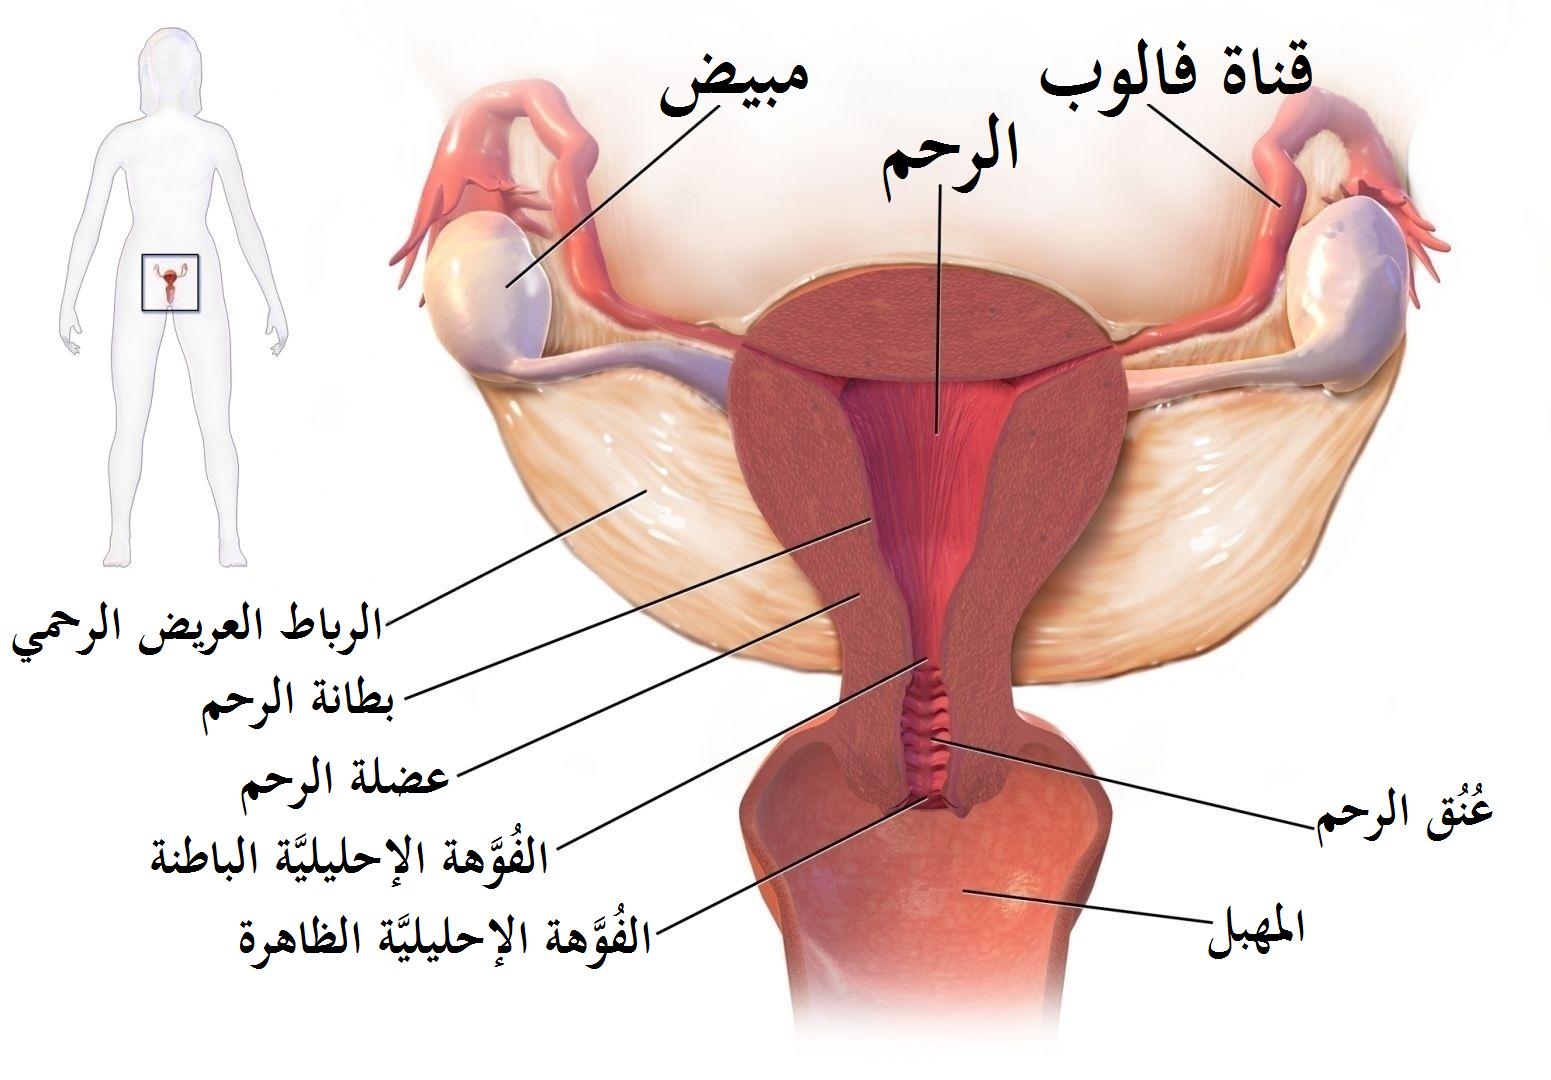 اعراض التهاب عنق الرحم